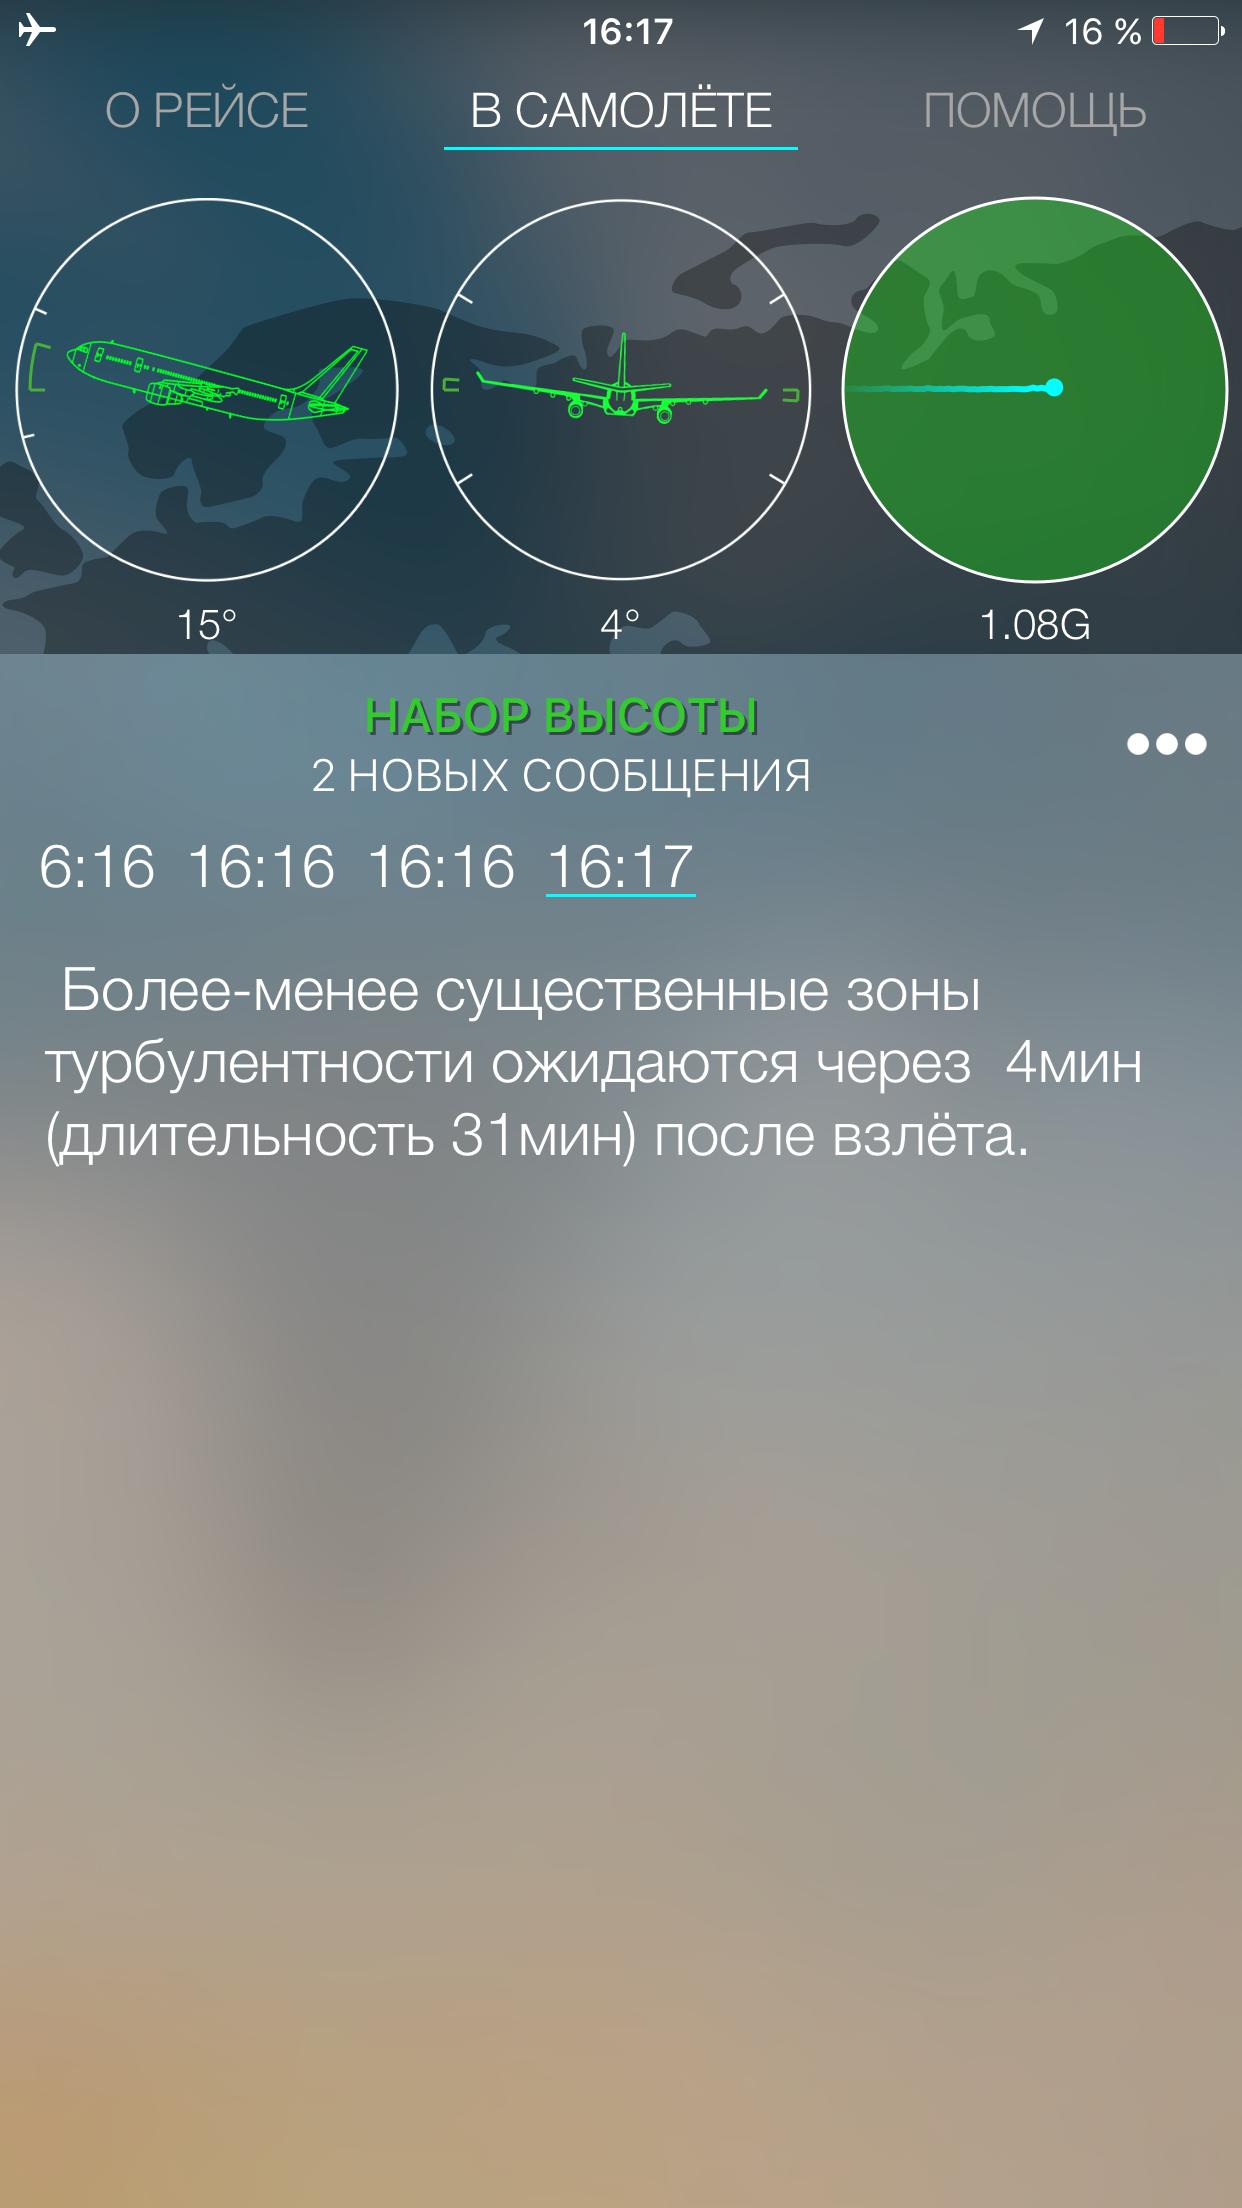 Обзор приложения SkyGuru: Чуть меньше аэрофобии